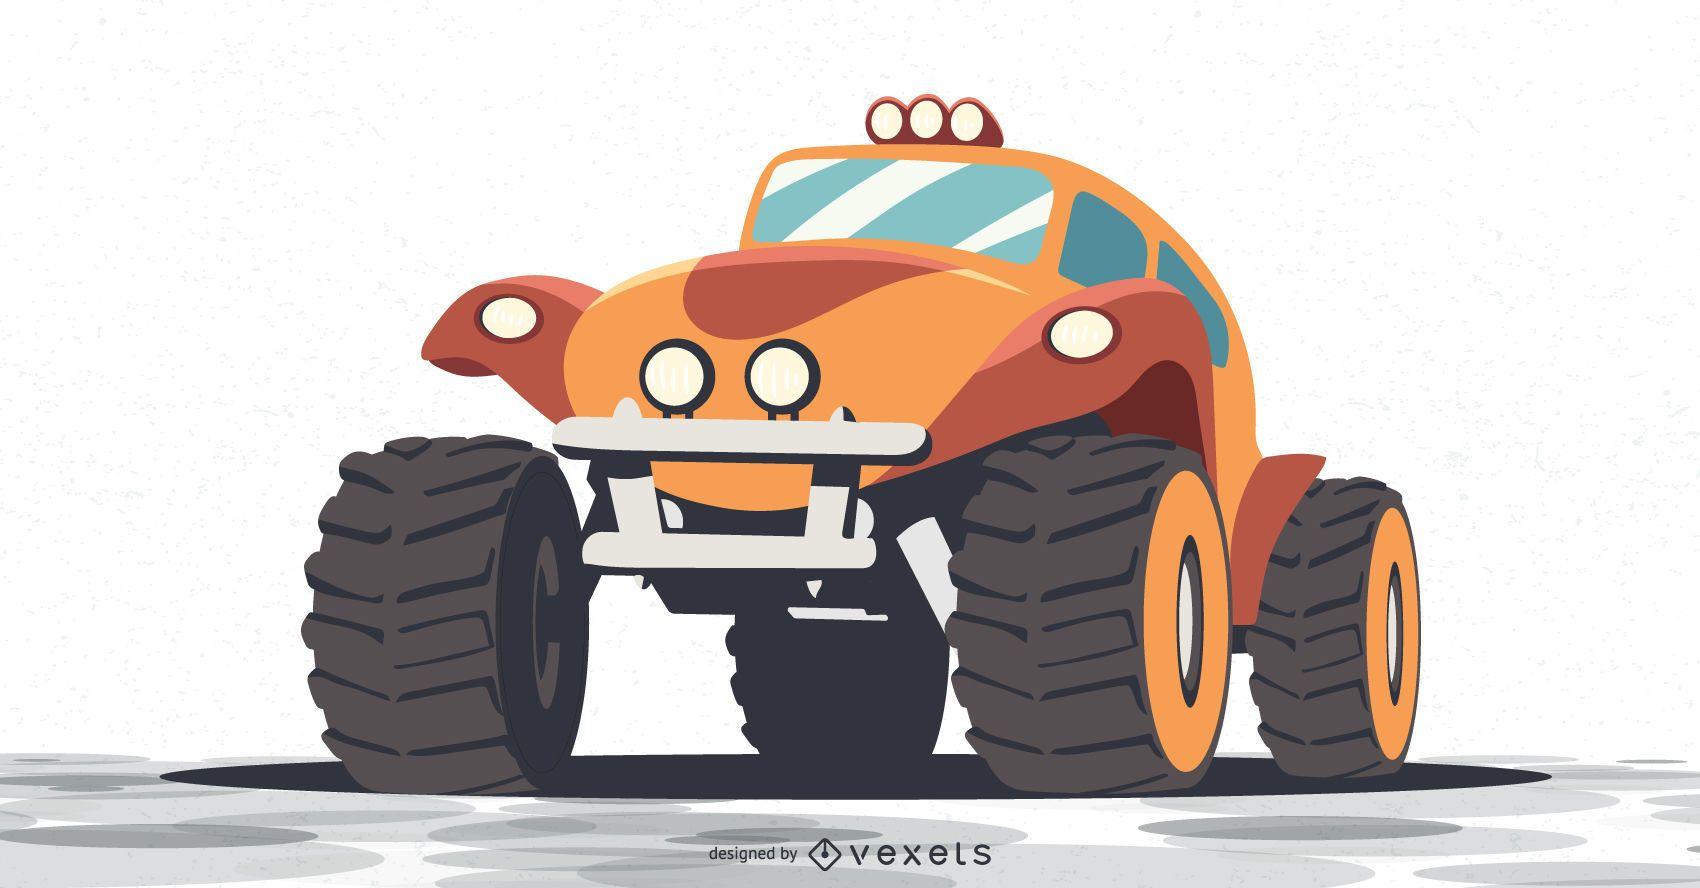 orange monster truck illustration